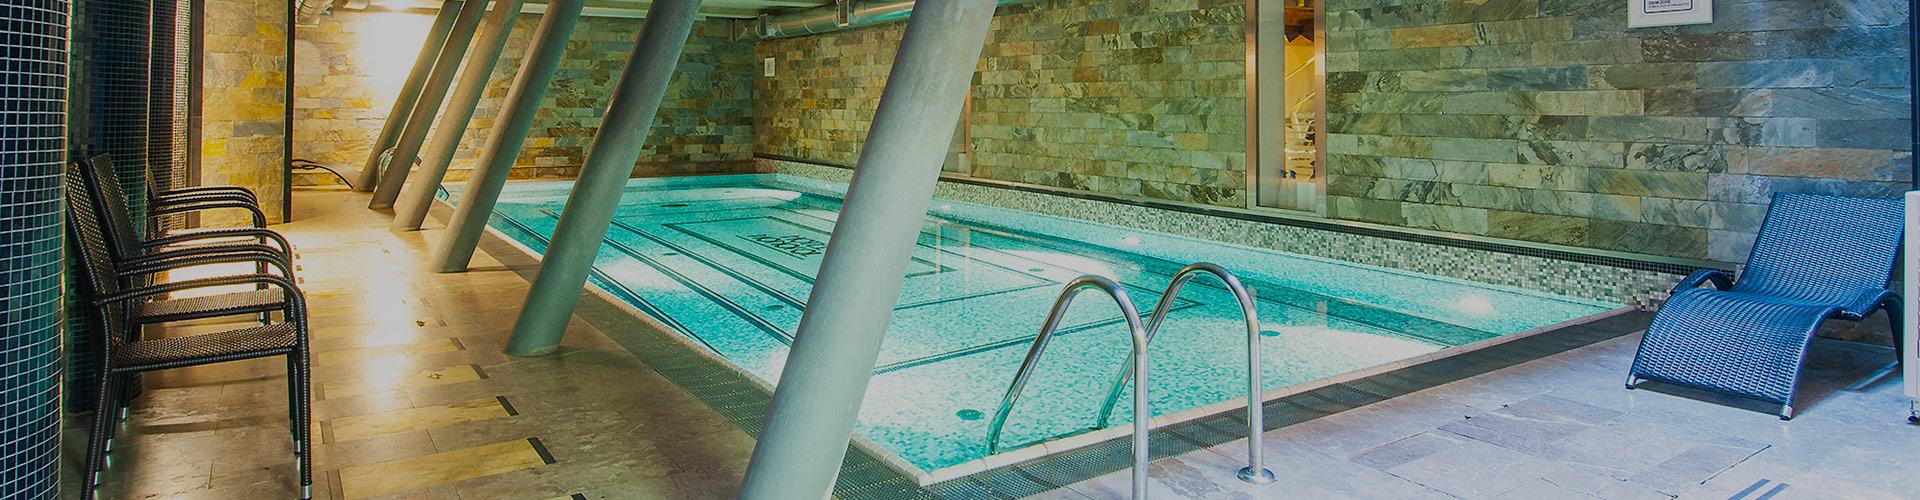 Hotel-warszawa-pieciogwiazkowy-hotel-w-centrum-warszawy